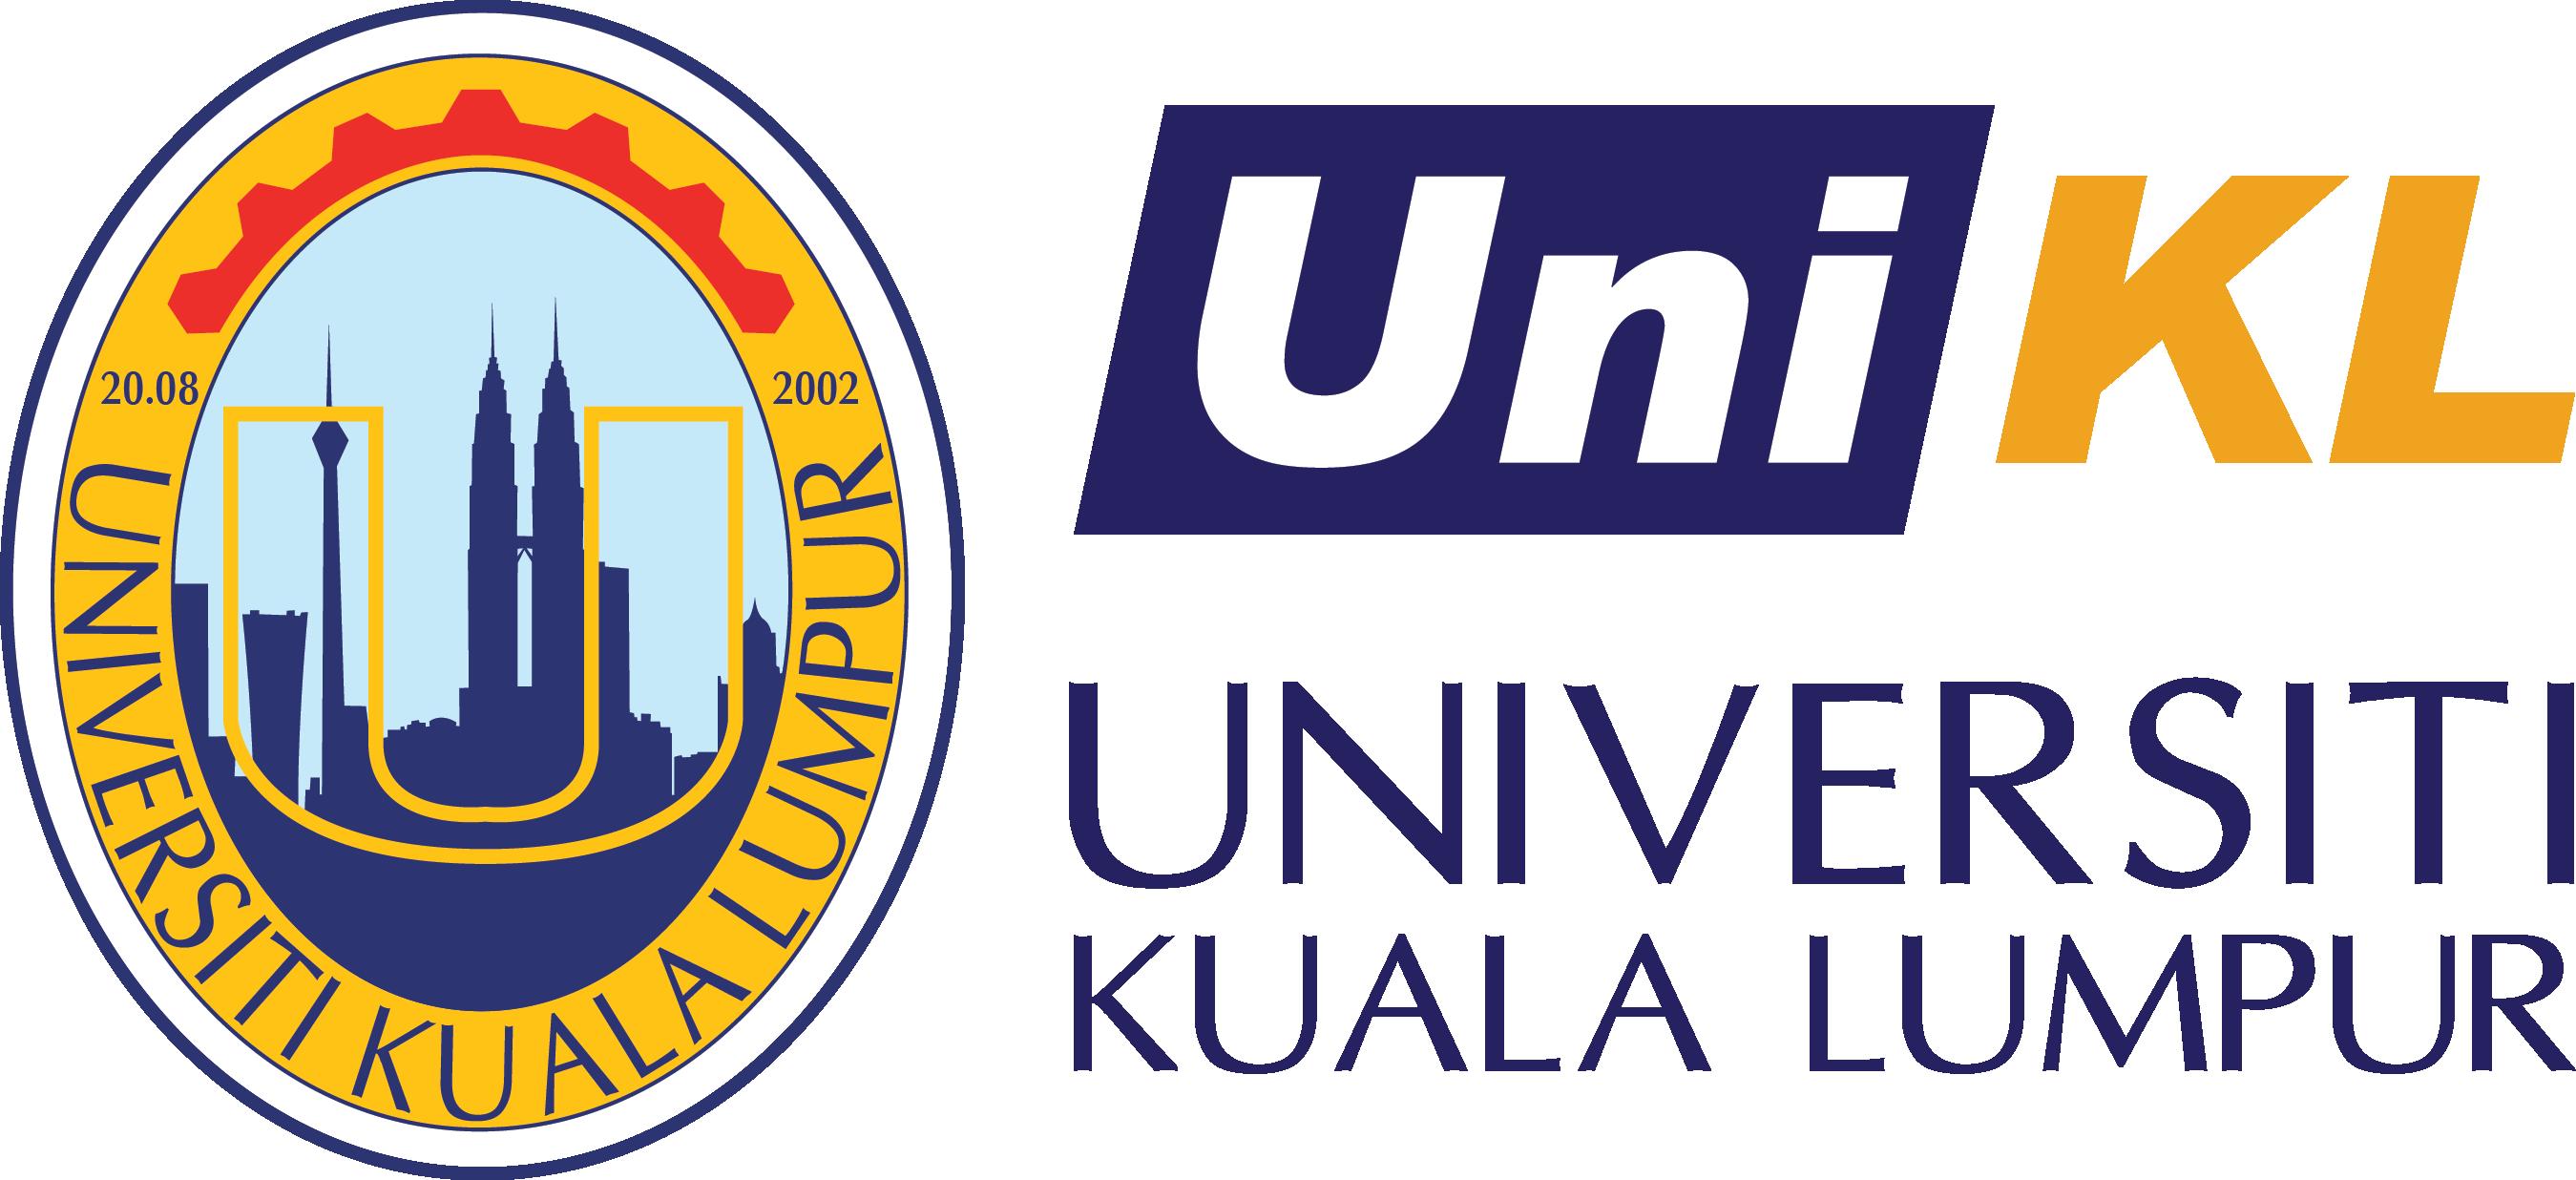 لوگو دانشگاه کوالالامپور